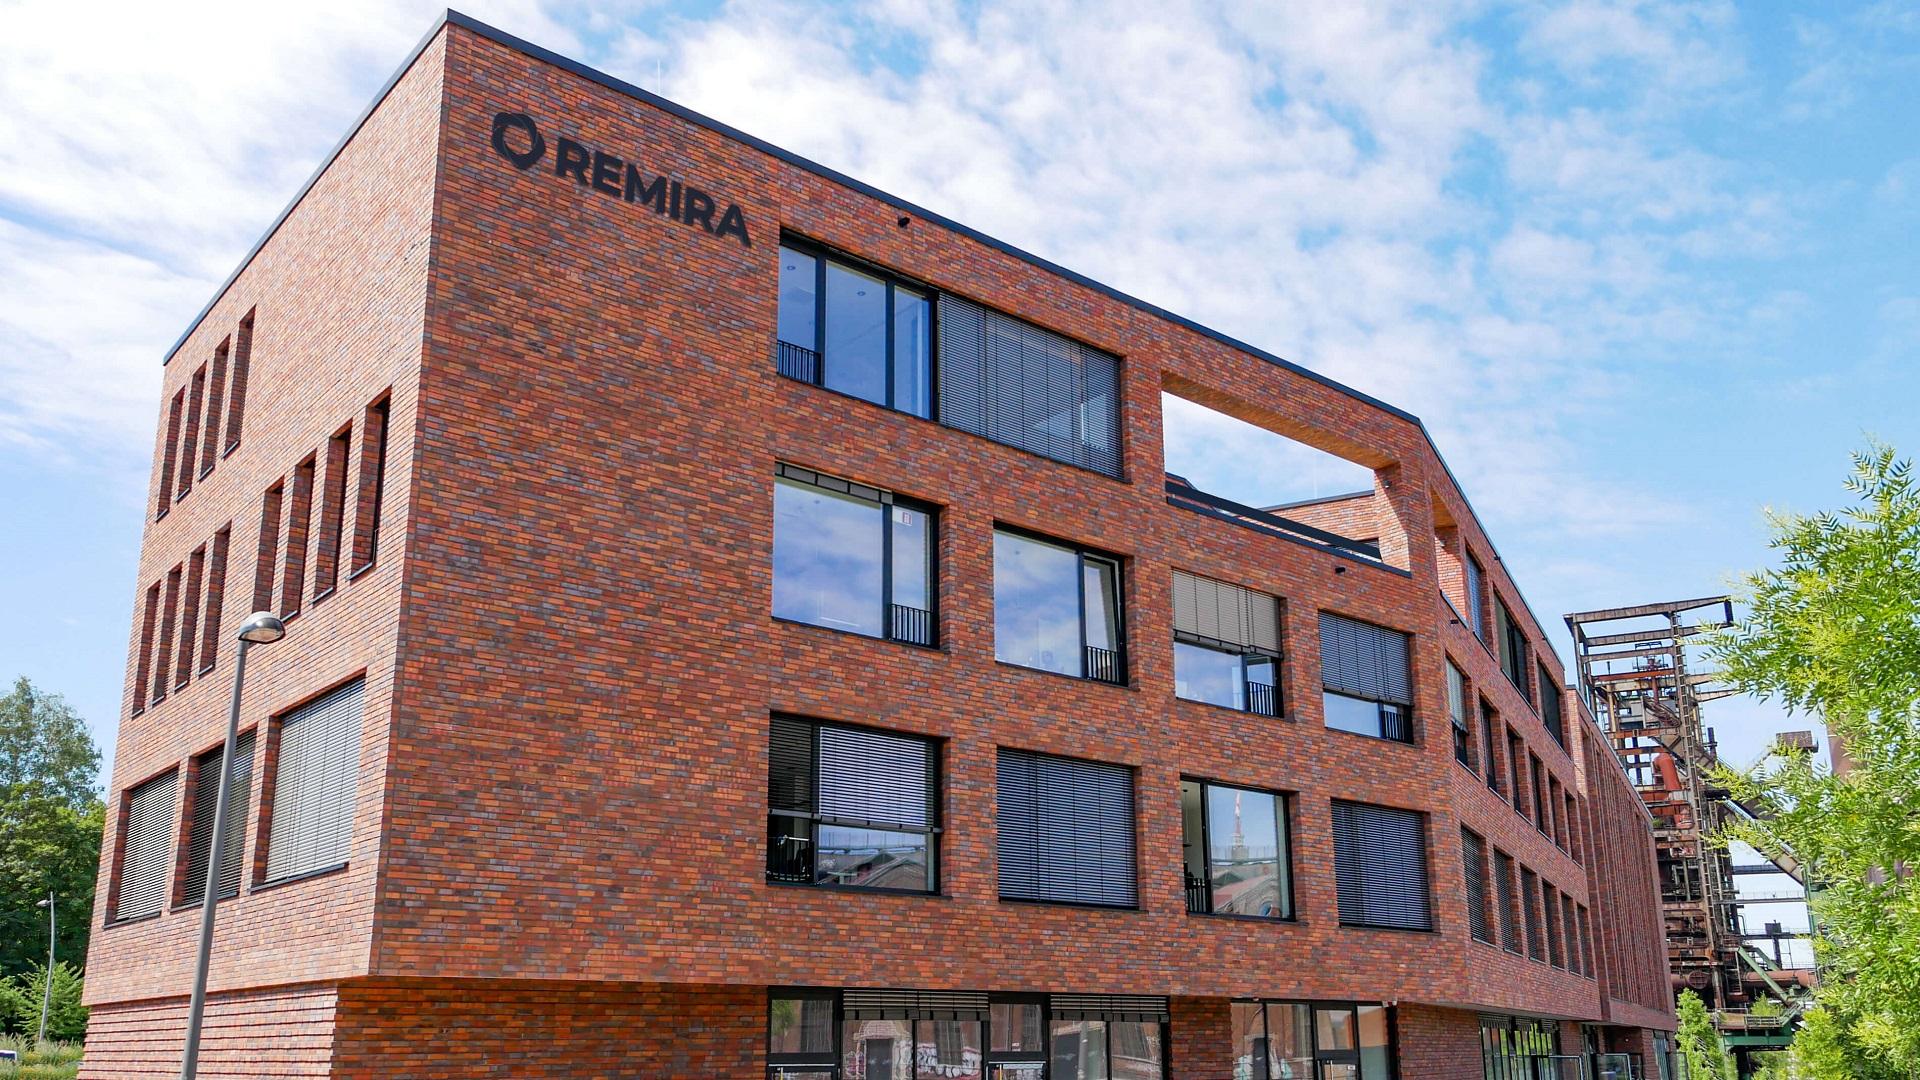 REMIRA Gebäude in Dortmund mit Logo